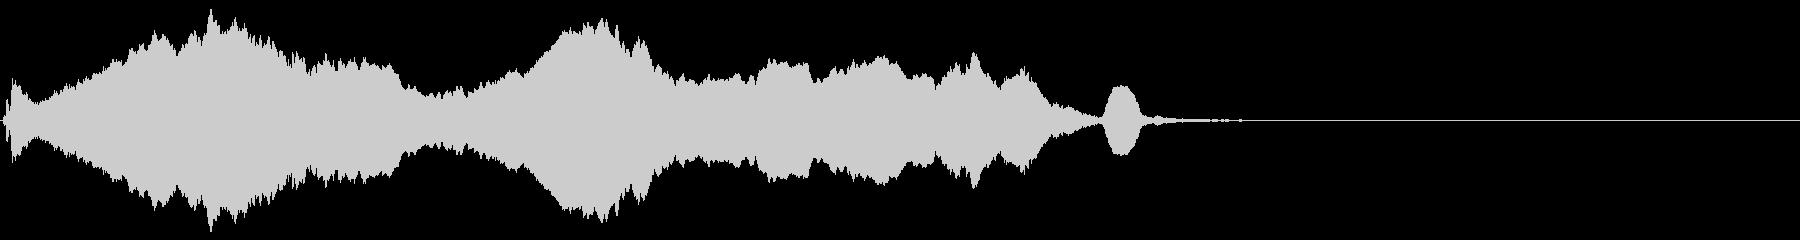 ソングホイッスル まぬけ(長め)の未再生の波形